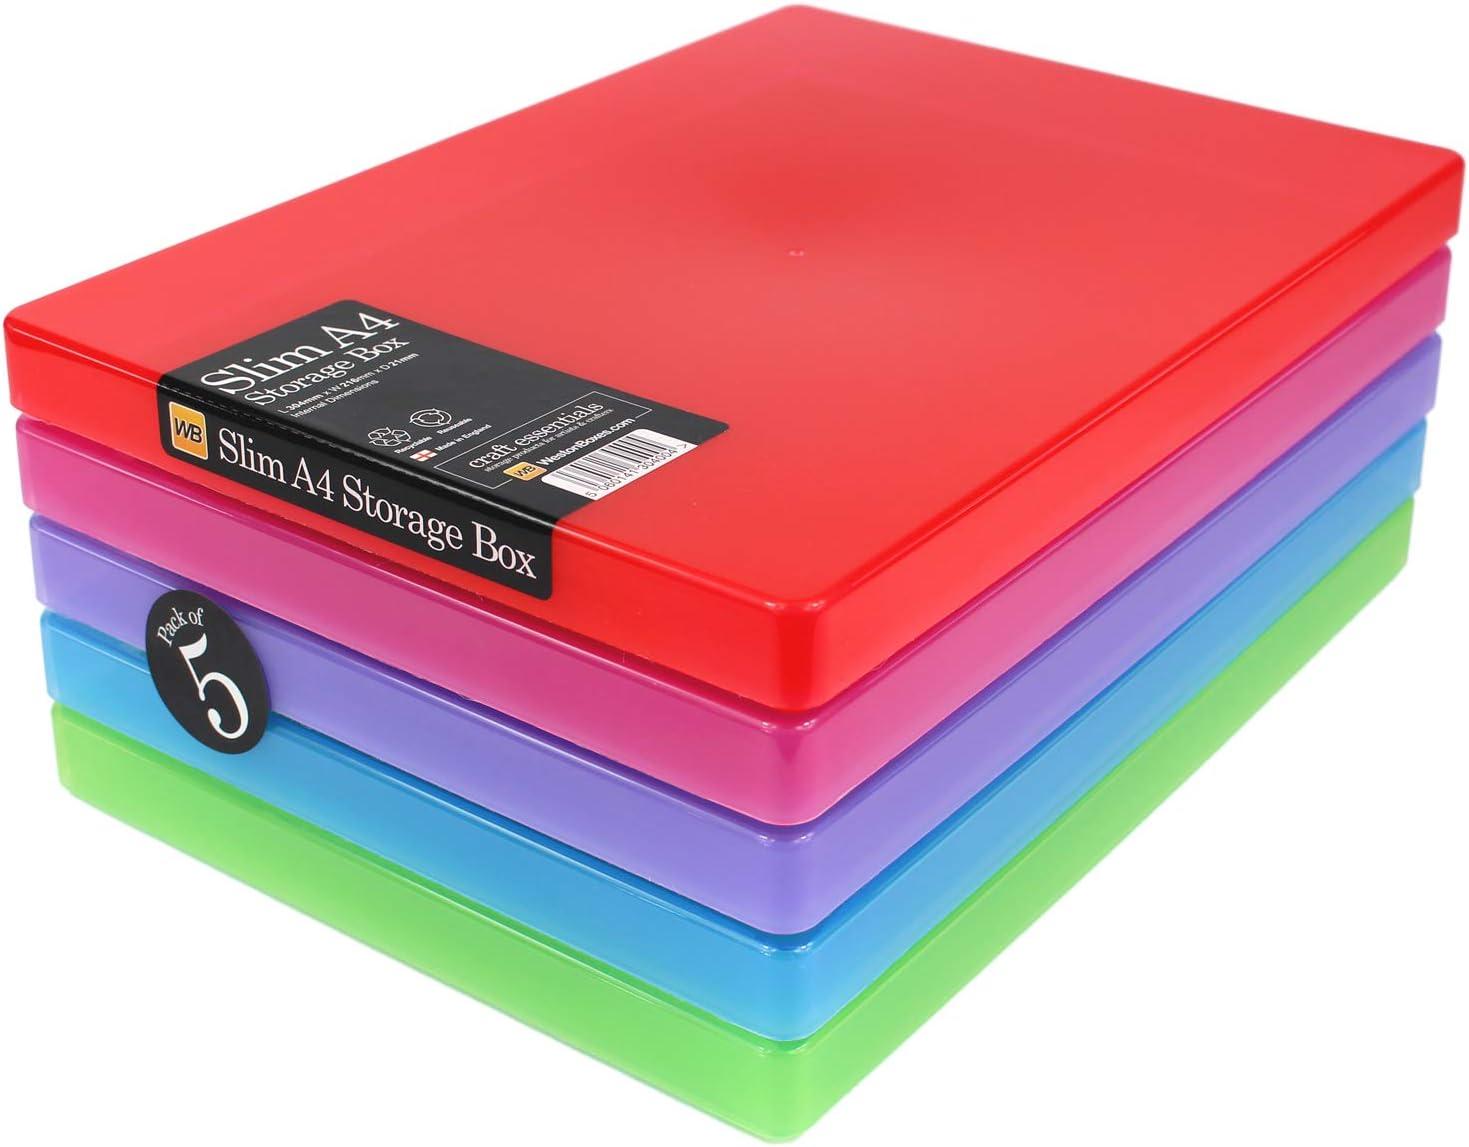 Cajas Weston - Cajas de Almacenamiento A4 Slim para Tarjetas y Papel artesanales: Amazon.es: Hogar